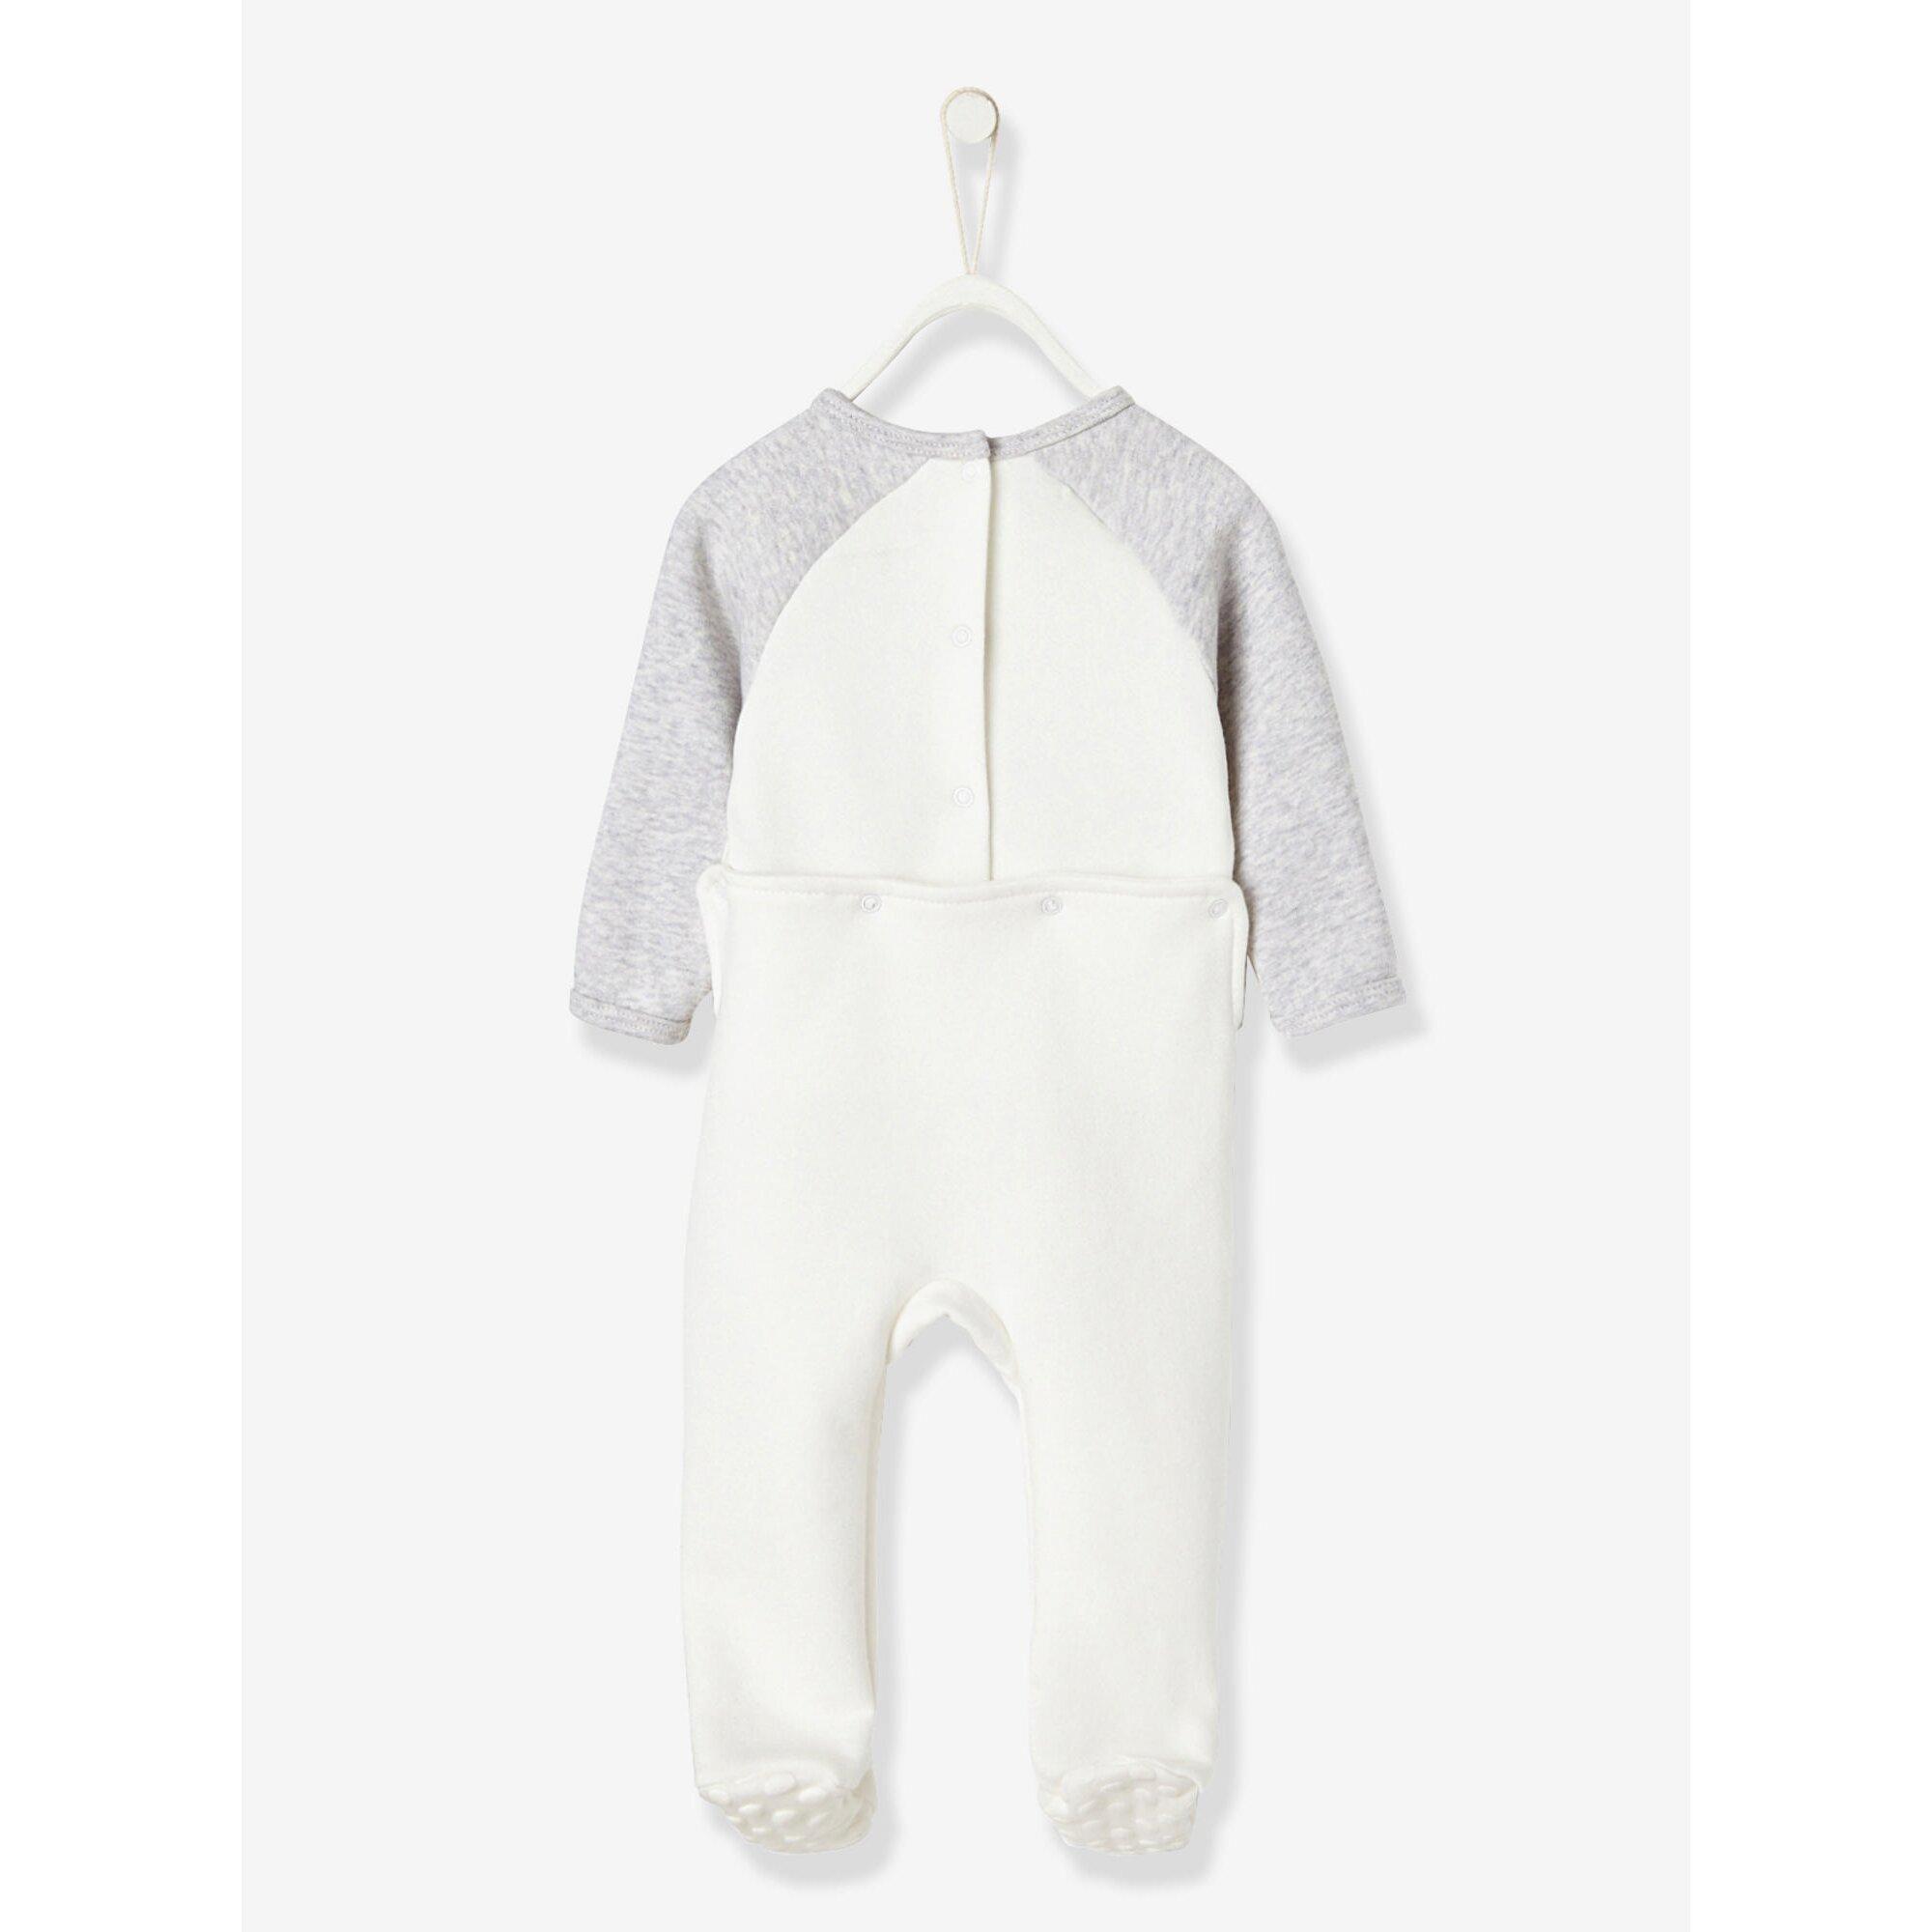 vertbaudet-babystrampler-aus-sweatware